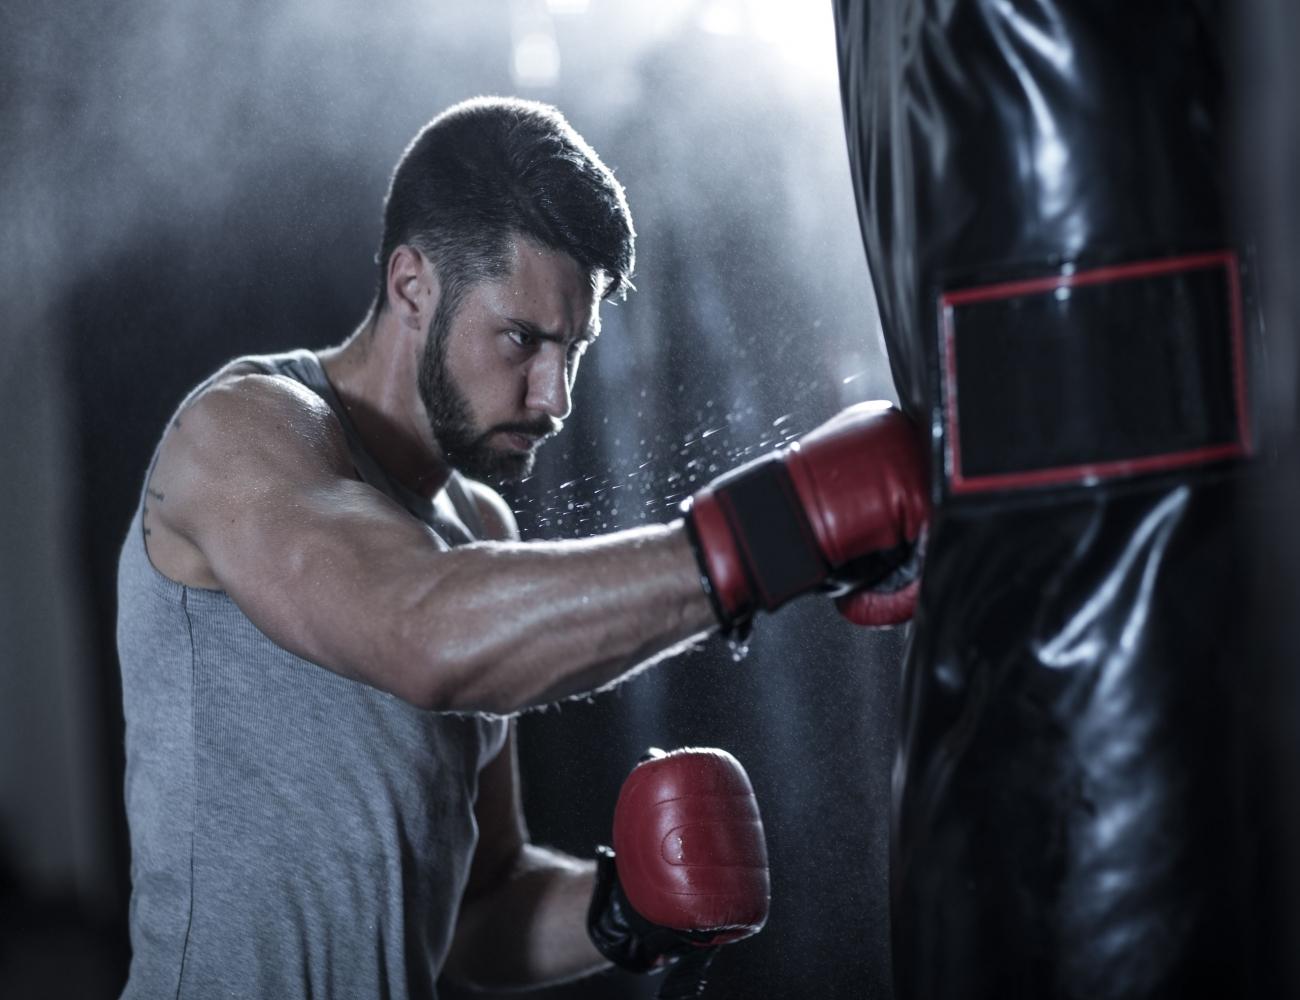 İstanbul sancaktepe boks spor salonu. Boks hareketleri ve boks antrenmanı ile ciddi oranda kalori yakabilir aynı zamanda da ciddi bir kas kütlesi